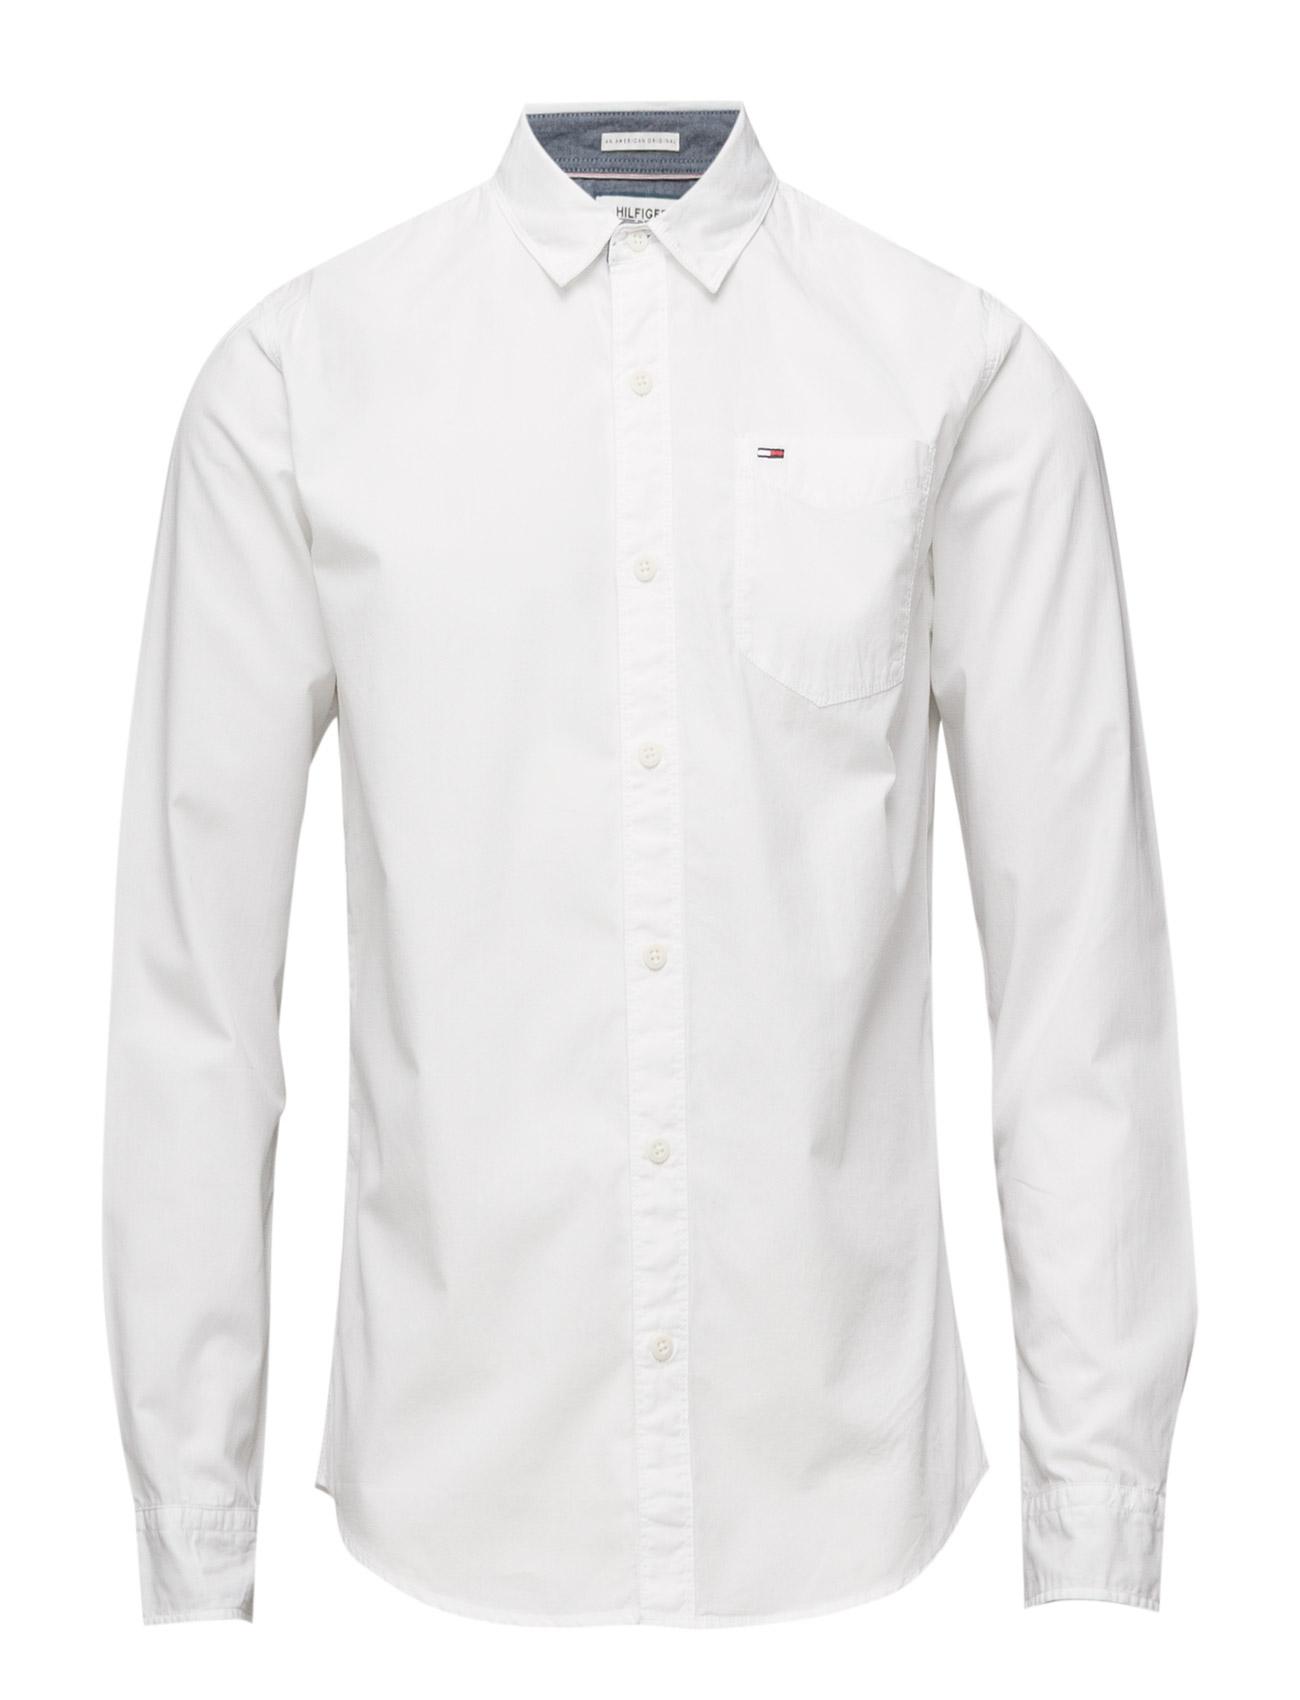 Original End On End Shirt L/S Hilfiger Denim Casual sko til Herrer i hvid